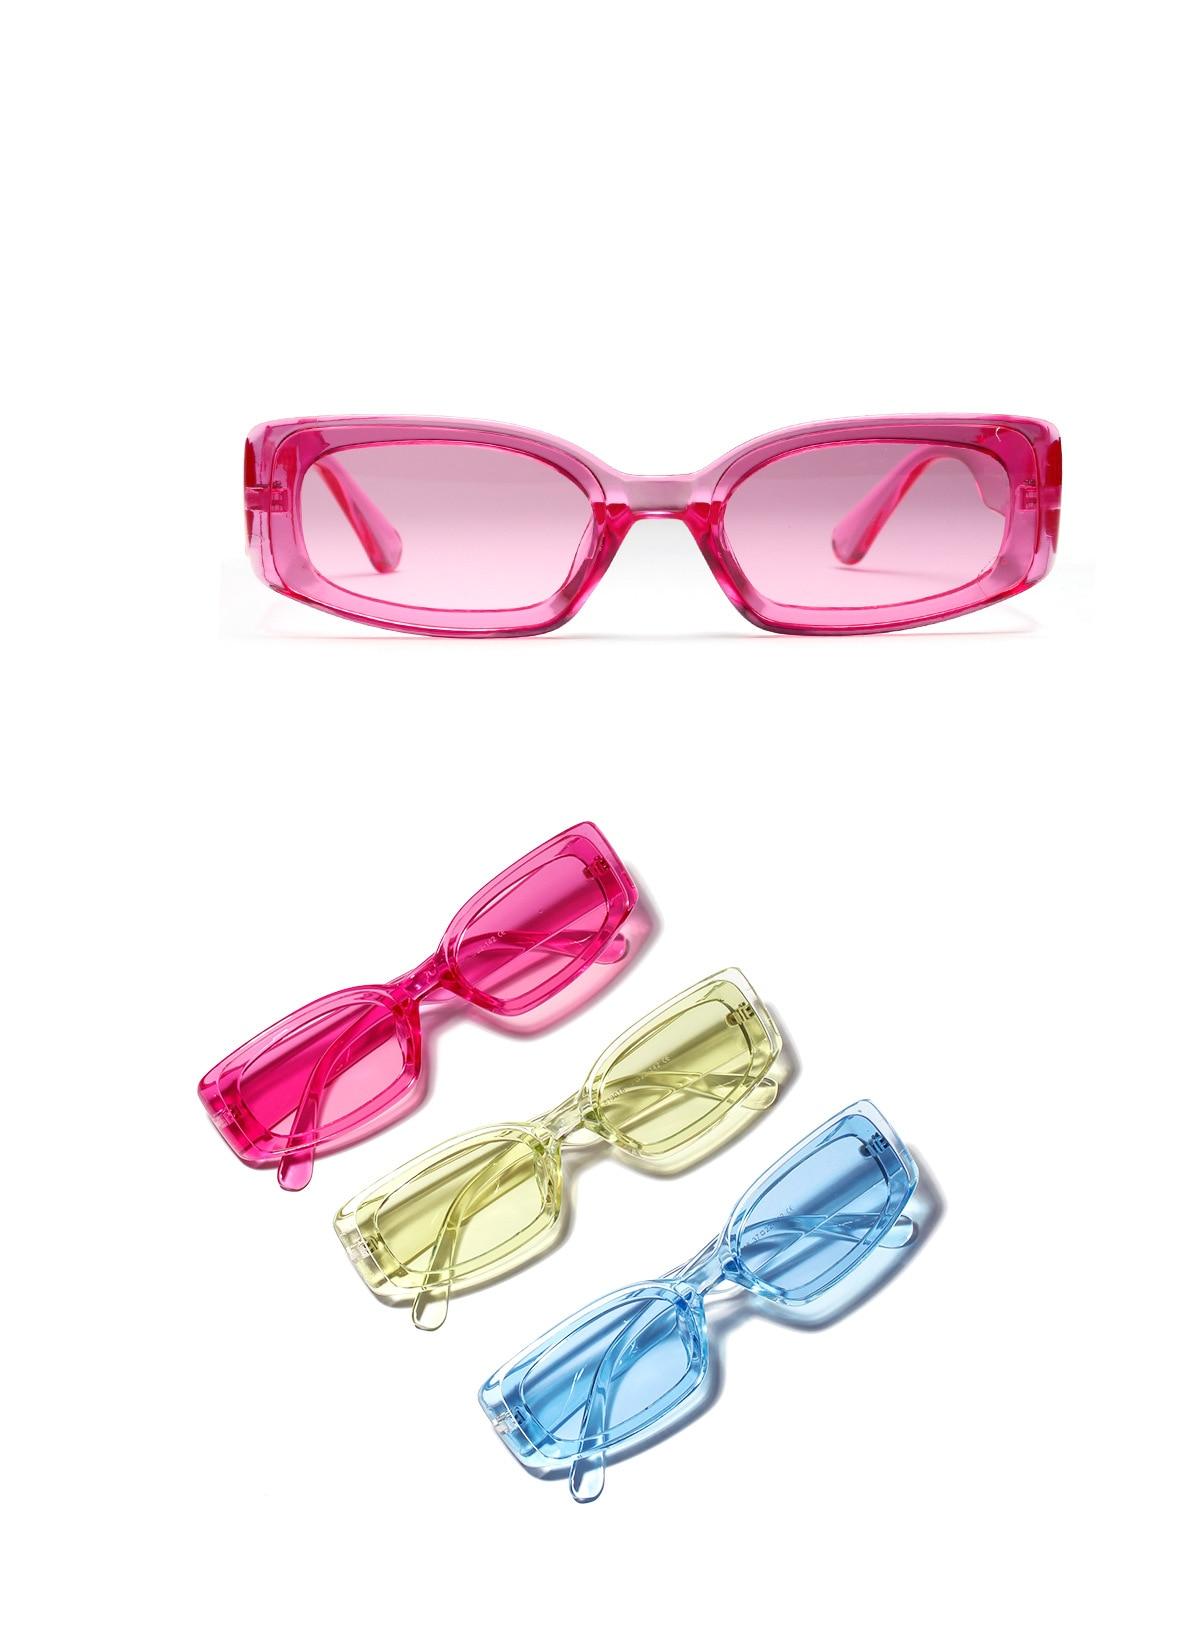 YOOSKE Rocznika Mały Kwadrat Okulary Przeciwsłoneczne Damskie Marka Projektant Retro Okulary Prostokąt Okulary Kobieta Cukierki Kolor Eyewears